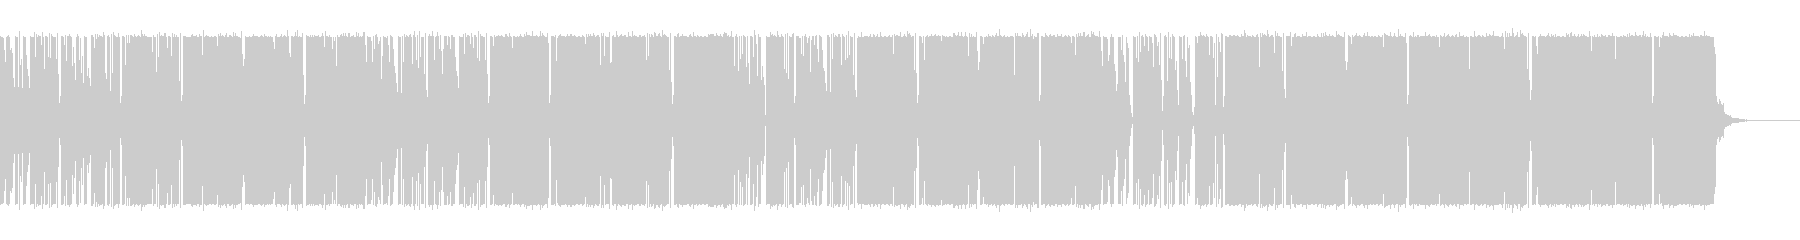 ミディアムテンポのファンクの未再生の波形